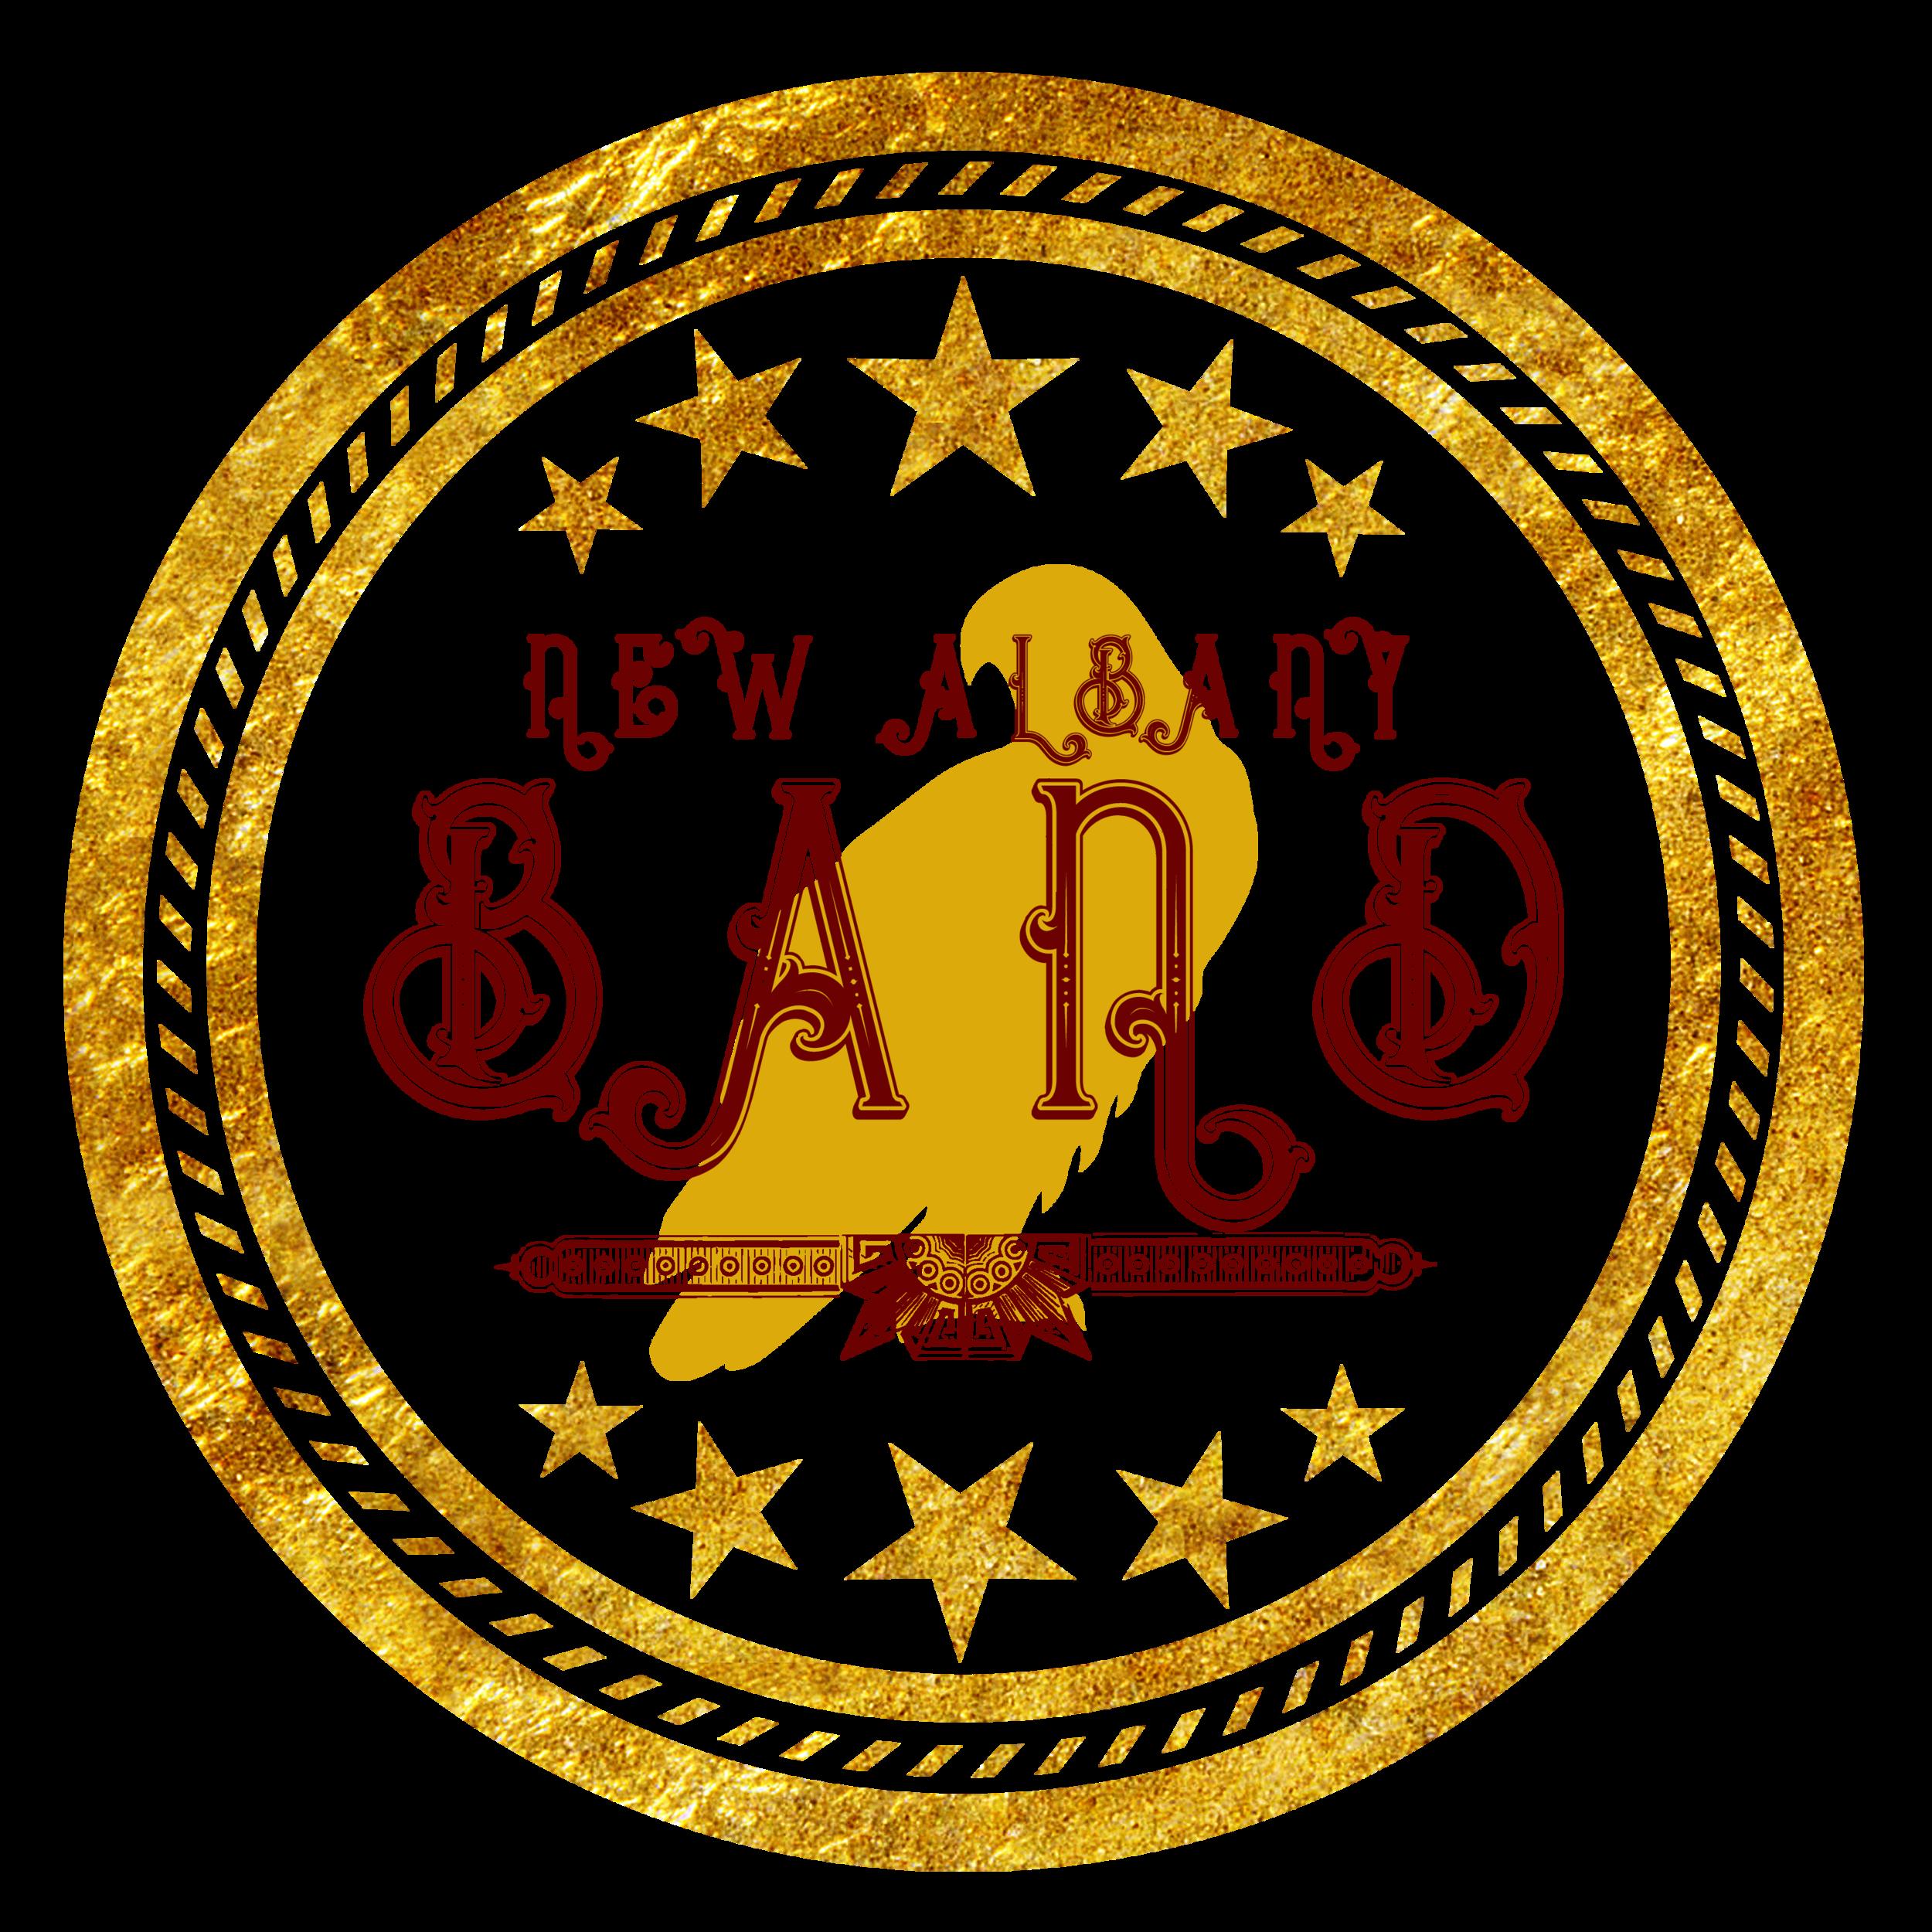 Original Logo, Photography, and Website @  NewAlbanyBand.com